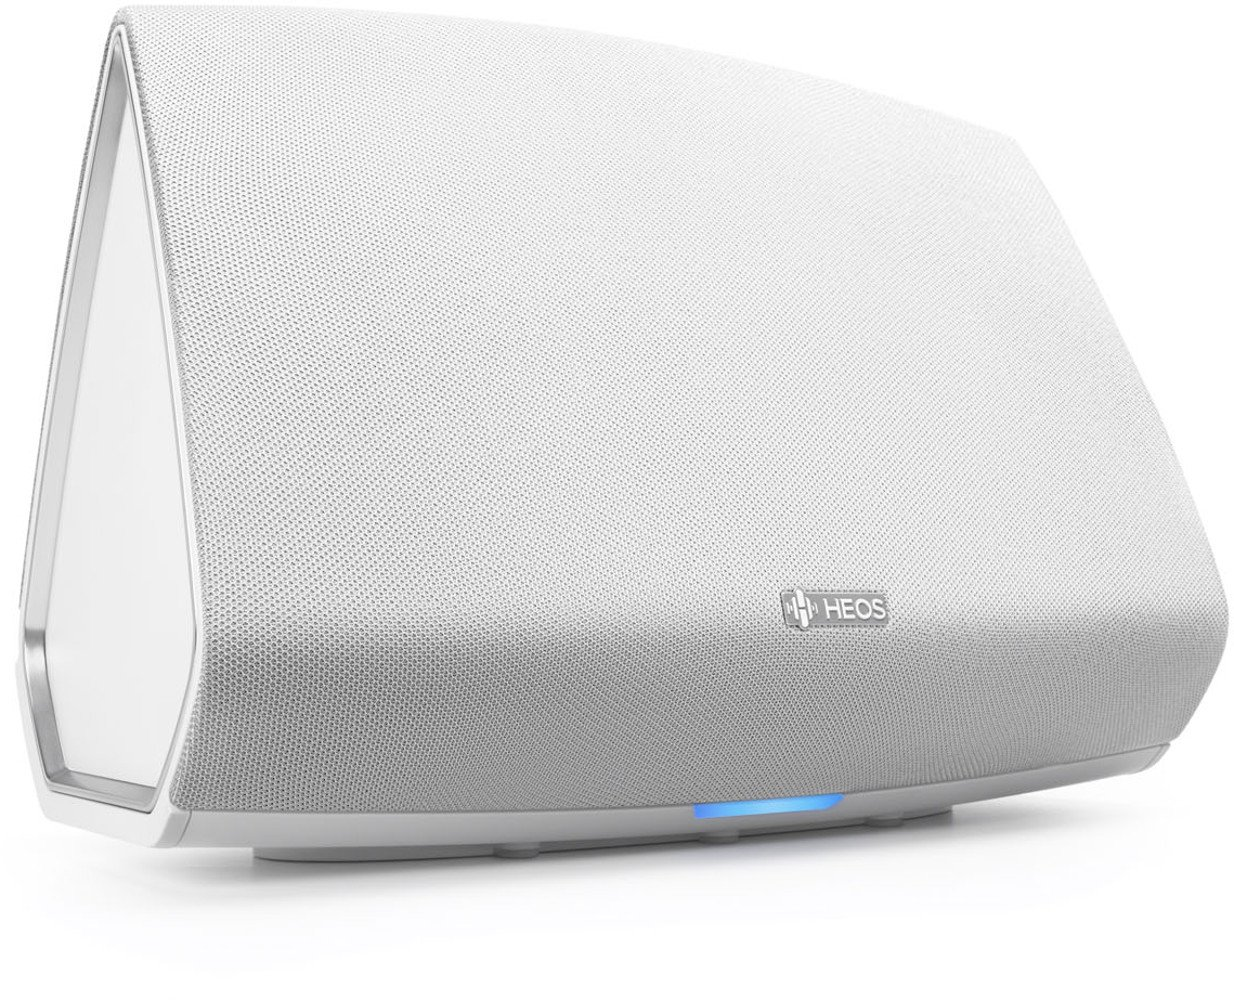 Denon HEOS5WTE2 Audio-Streaming HEOS 5 Altavoz (multisala, conecte Spotify, Deezer, de Marea, Soundcloud, NAS, Bluetooth, WiFi, USB, Control de Aplicaciones, Aux-en) Colour Blanco (Importado)